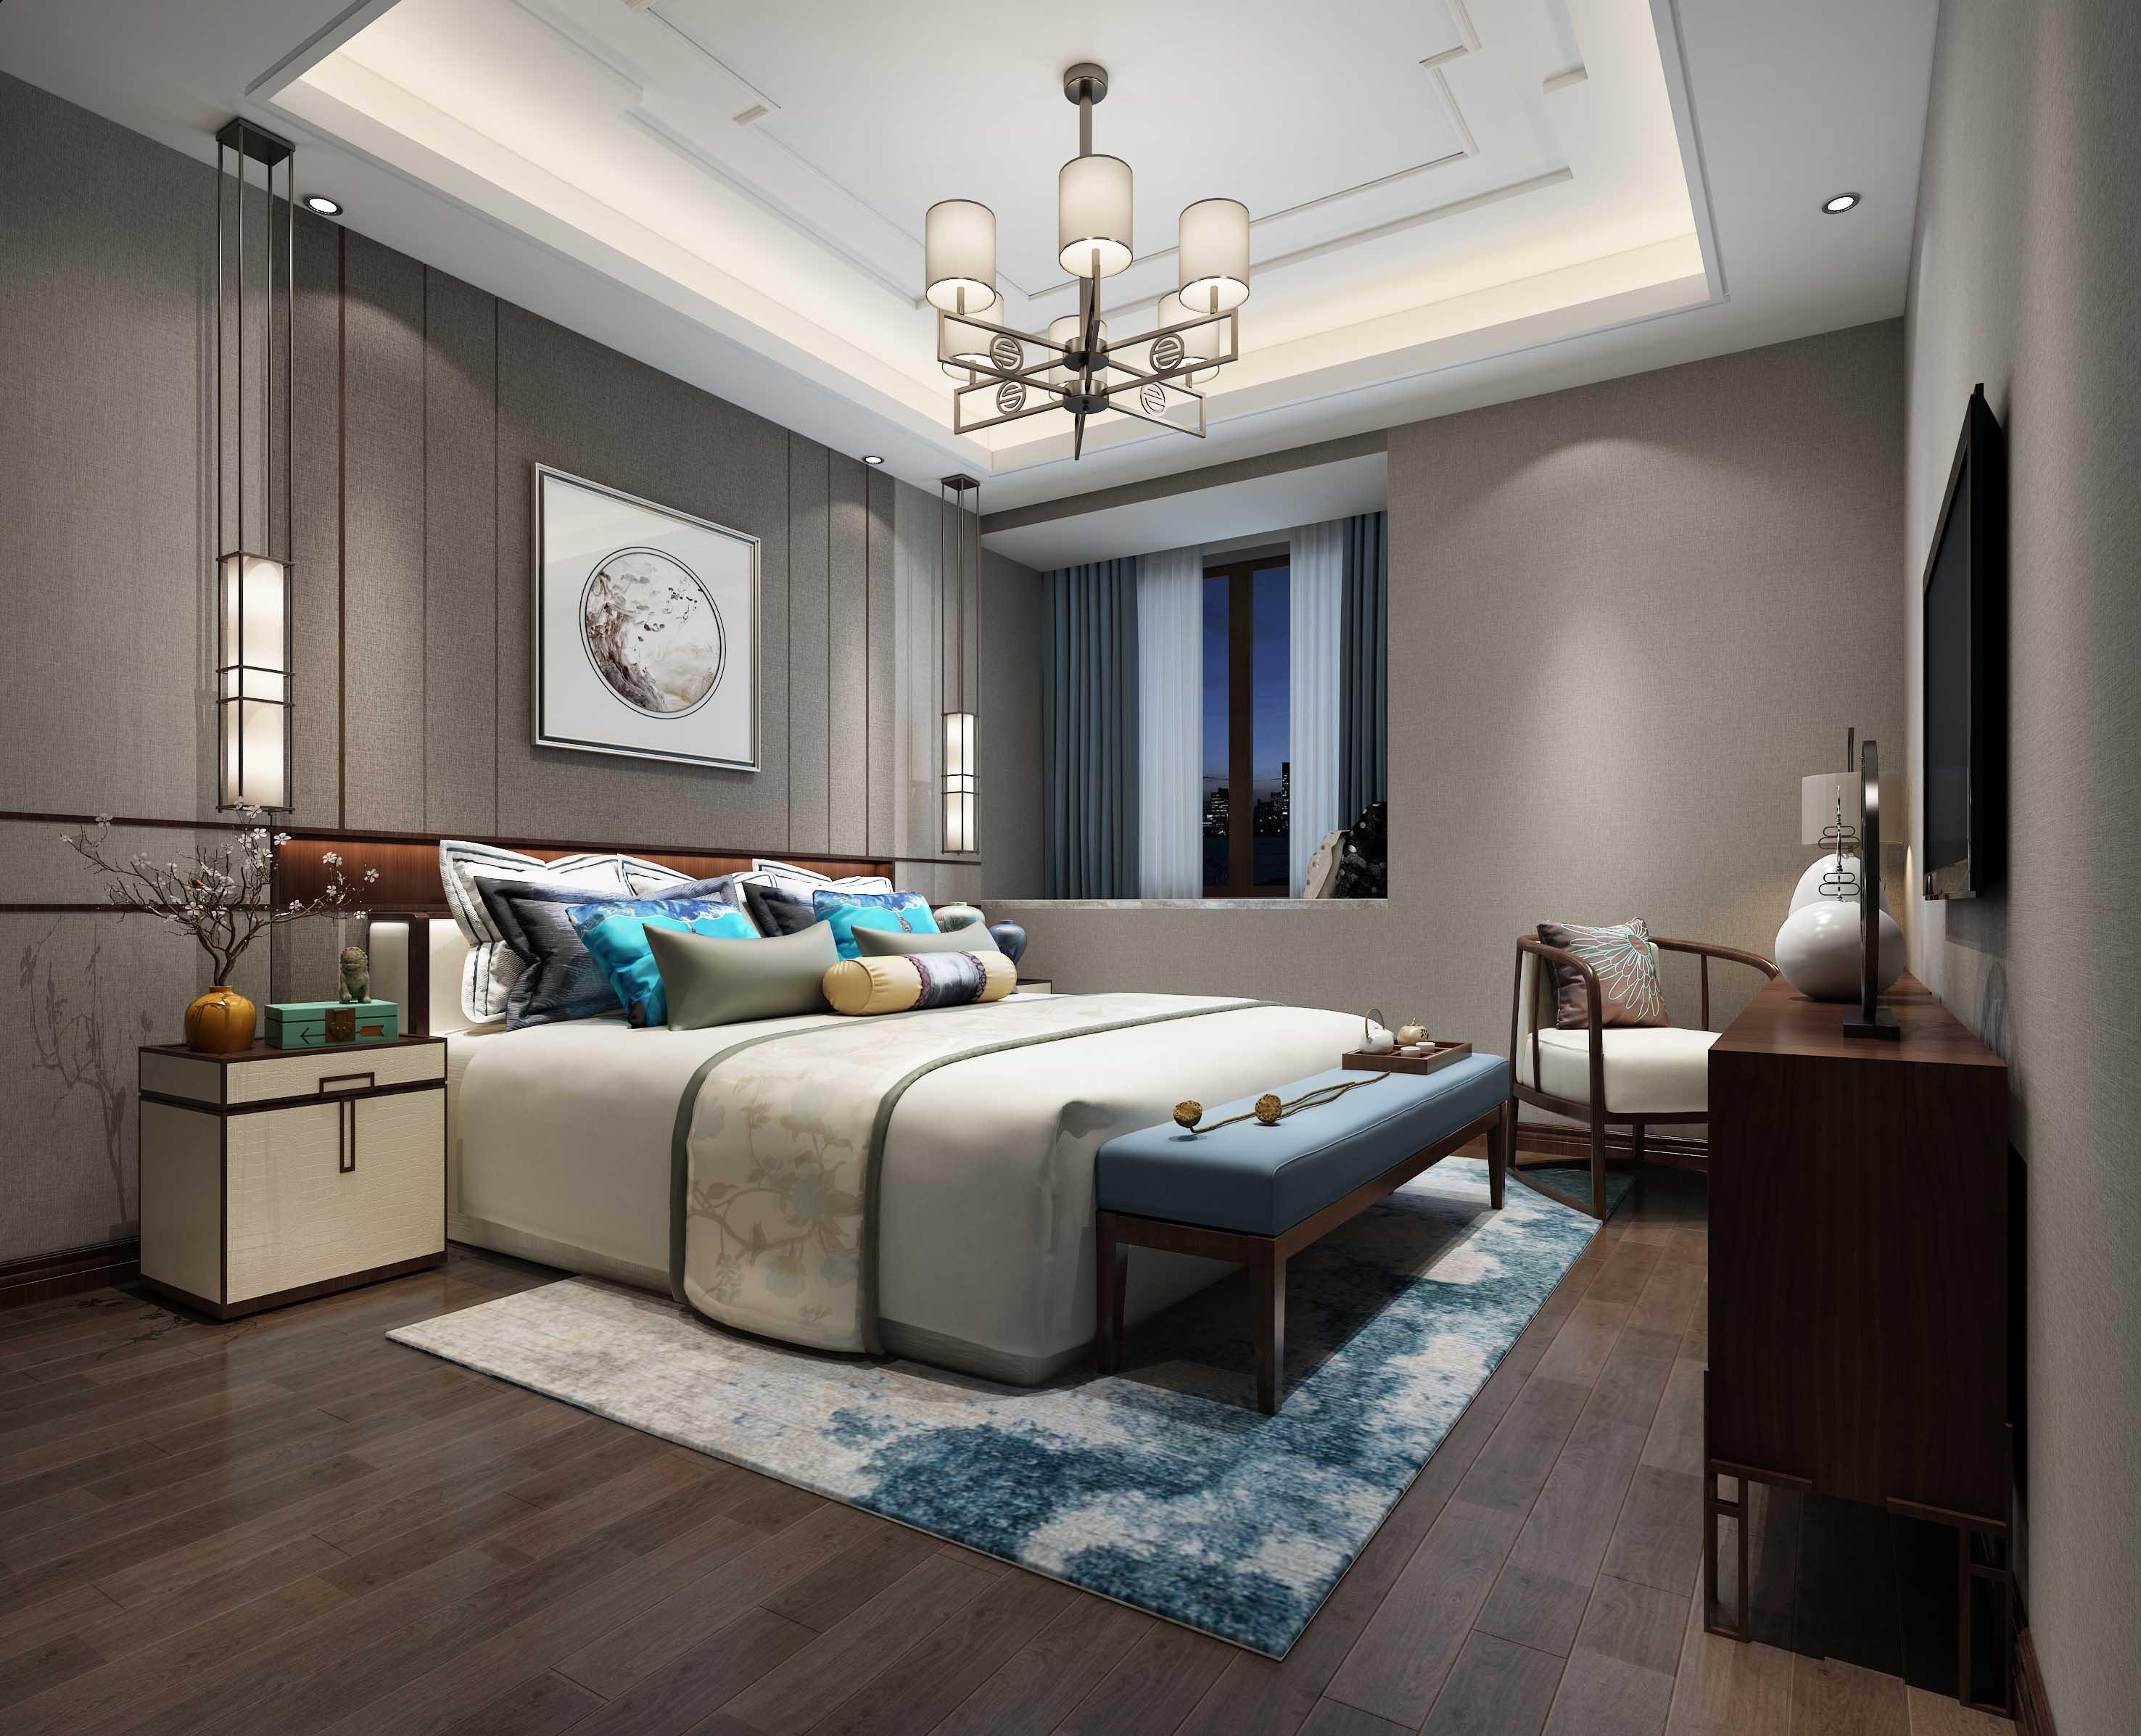 三居 卧室图片来自云南俊雅装饰工程有限公司在枫林盛景的分享